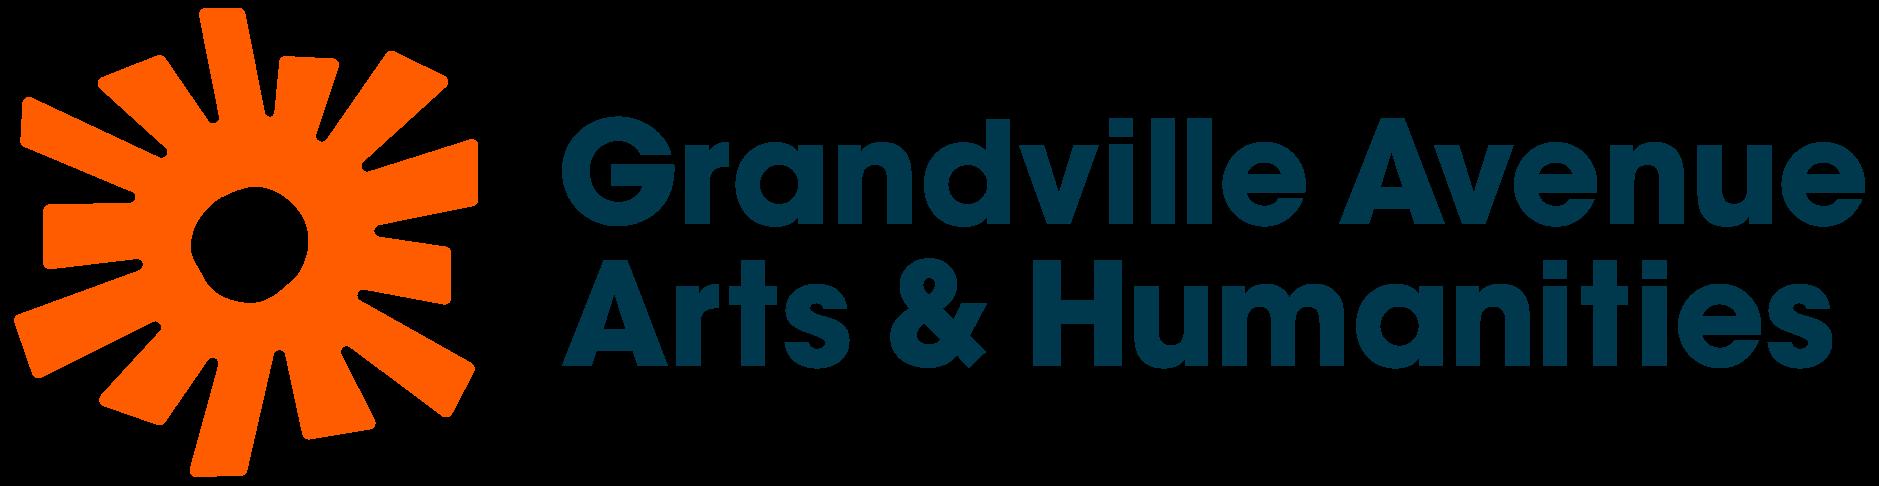 Grandville Avenue Arts & Humanities